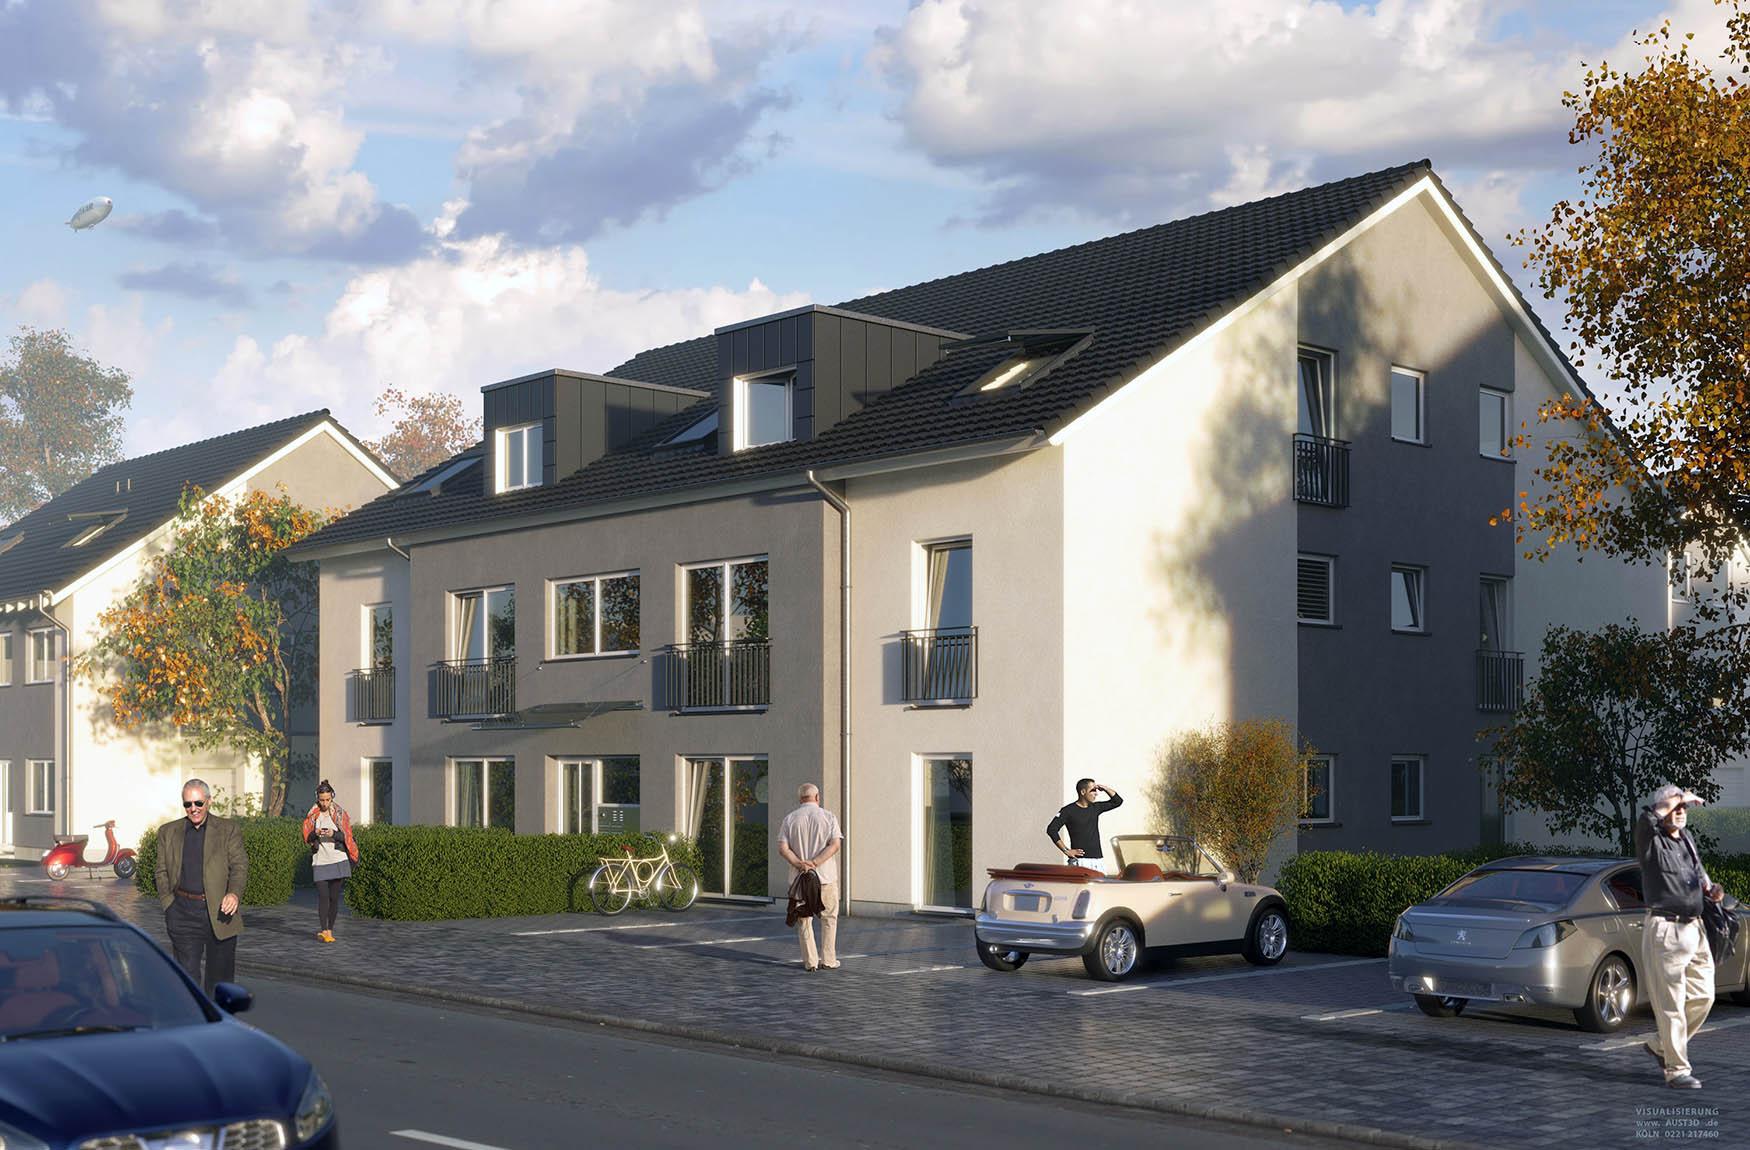 Pilger Wohnungsbau in Berzdorf